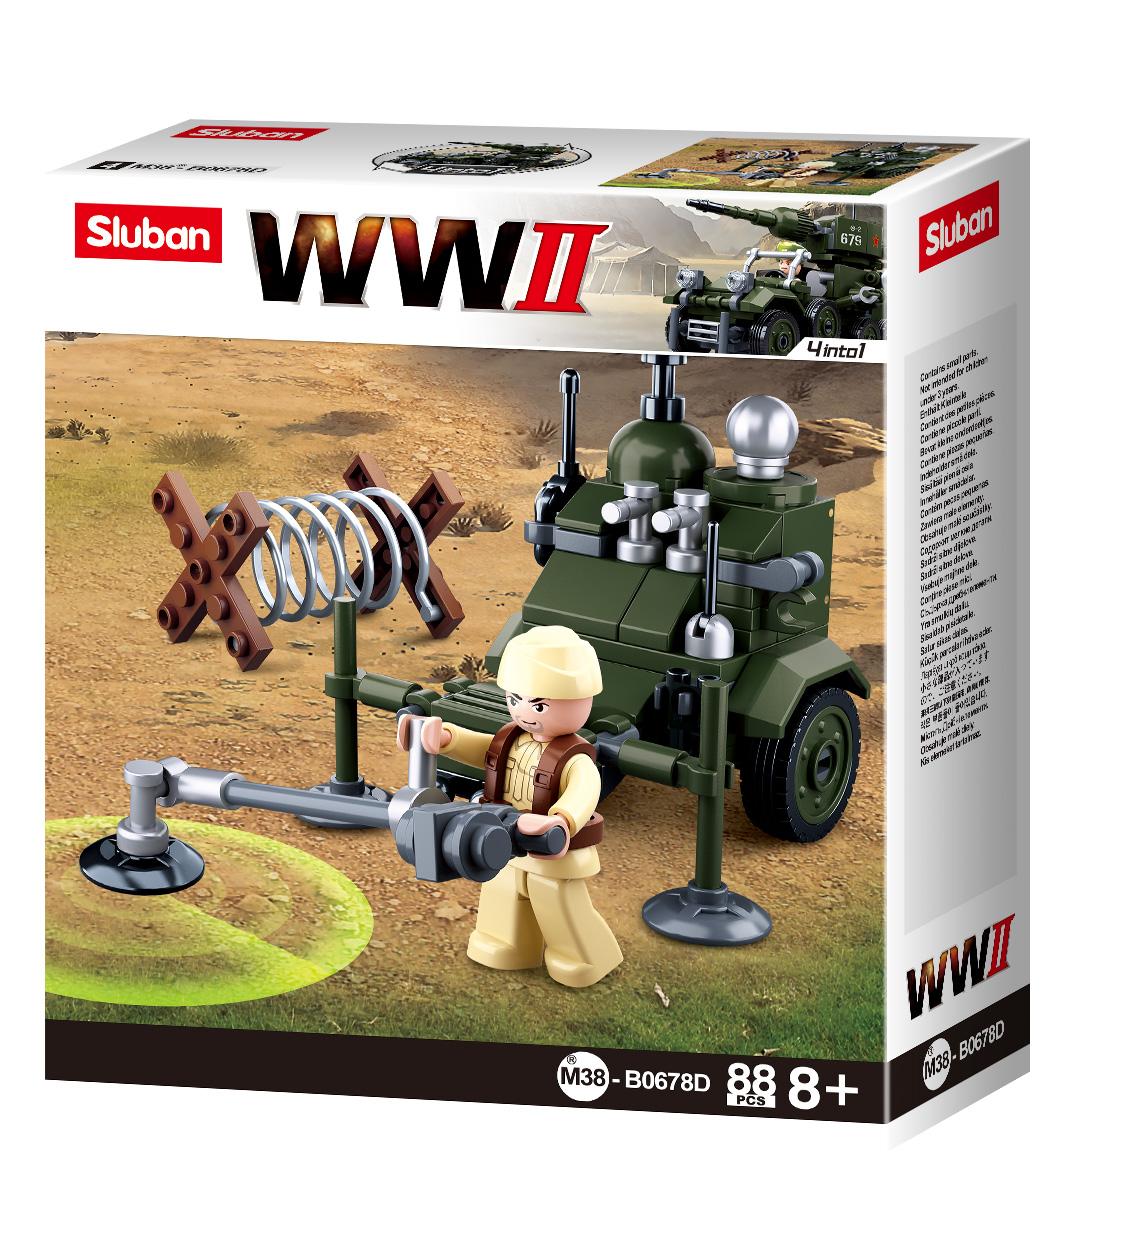 Конструктор Sluban Армия Вторая Мировая Война 4 в 1, 88 деталей